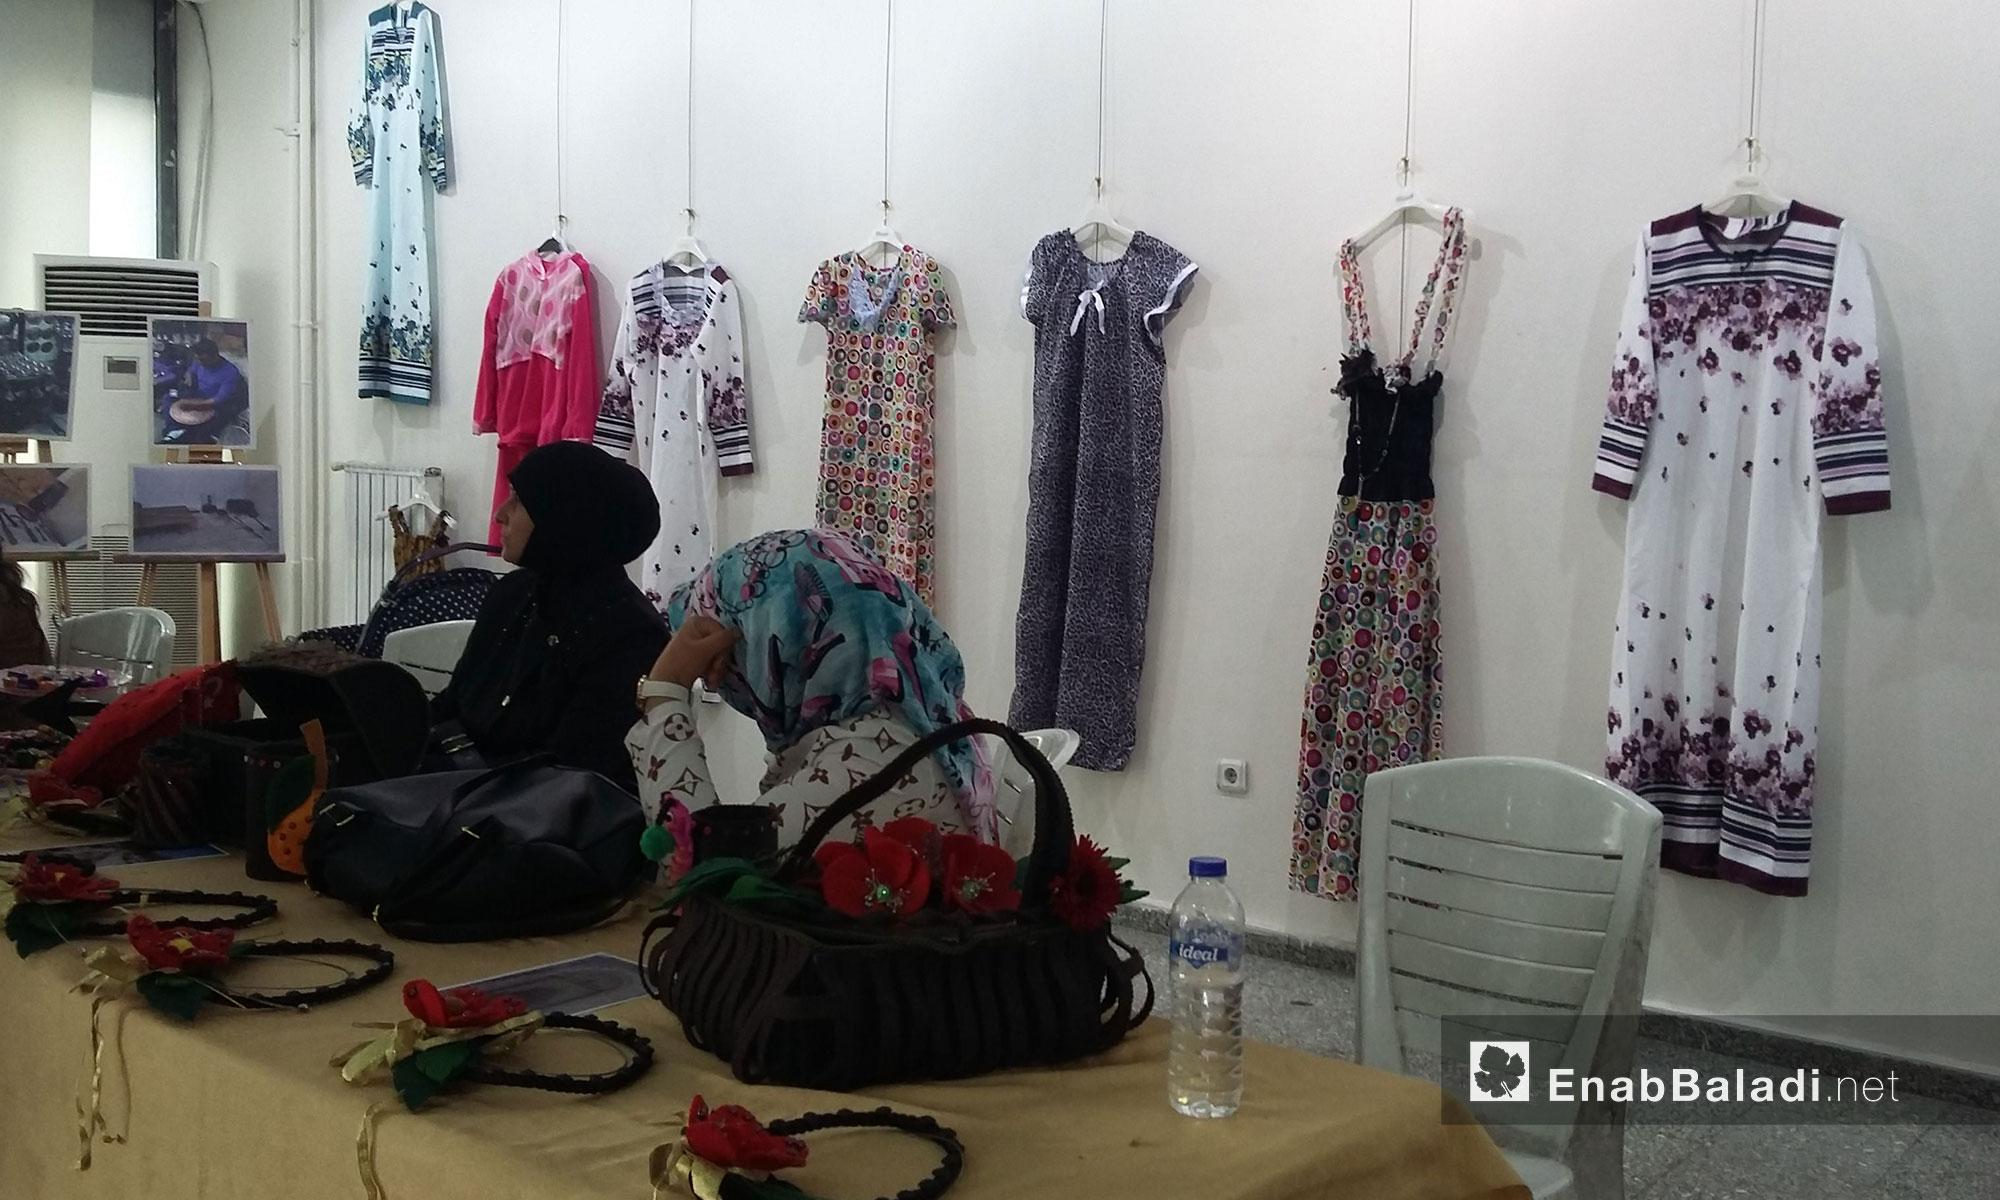 مجموعة من النساء السوريات يقمن معرضًا لمنتجاتهن اليدوية في صالة البلدية - شانلي أورفة - تركيا - 16مارس 2017 (عنب بلدي)